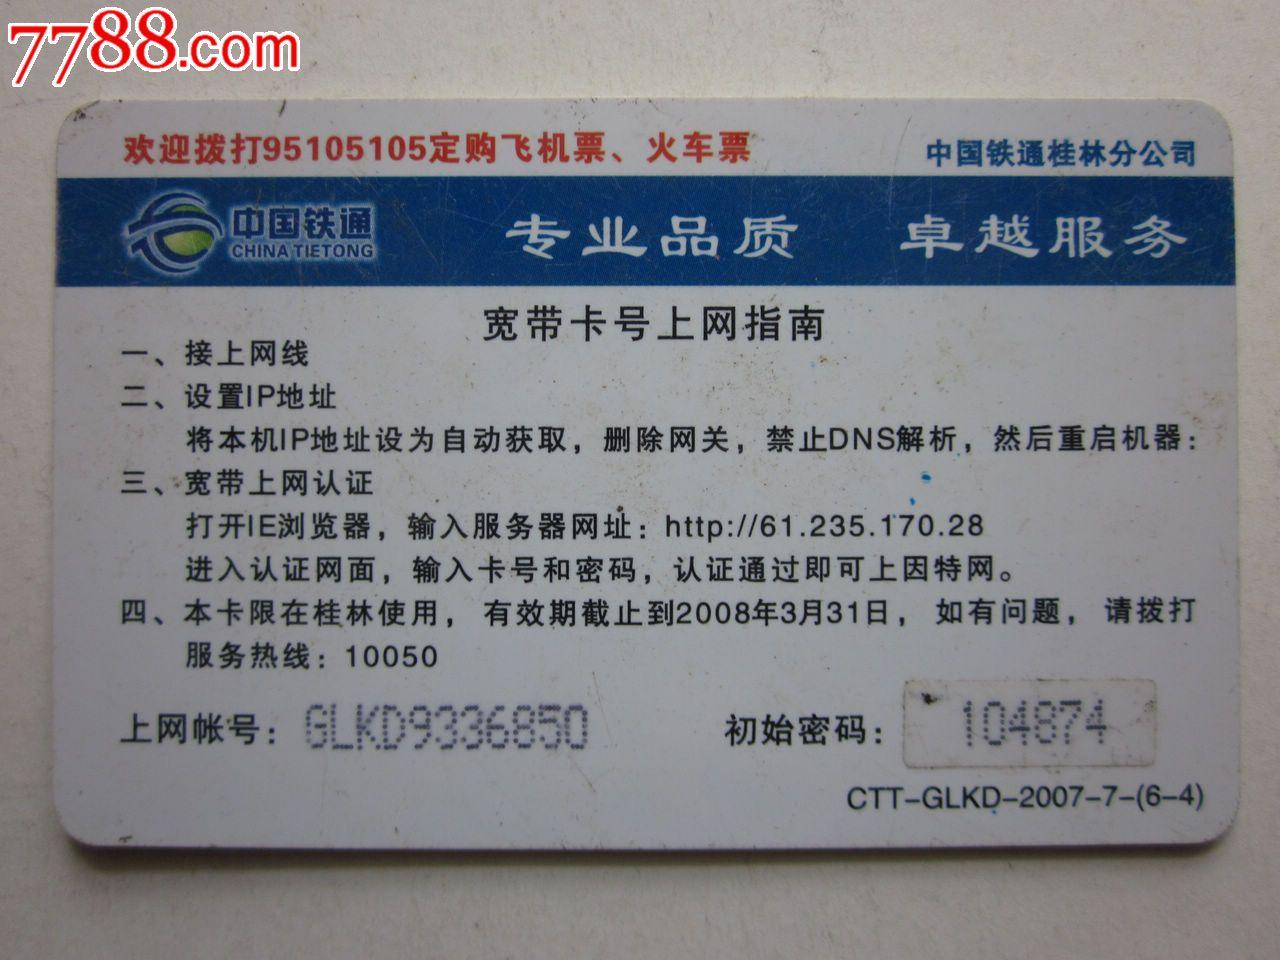 铁通宽带_中国铁通宽带上网旧卡